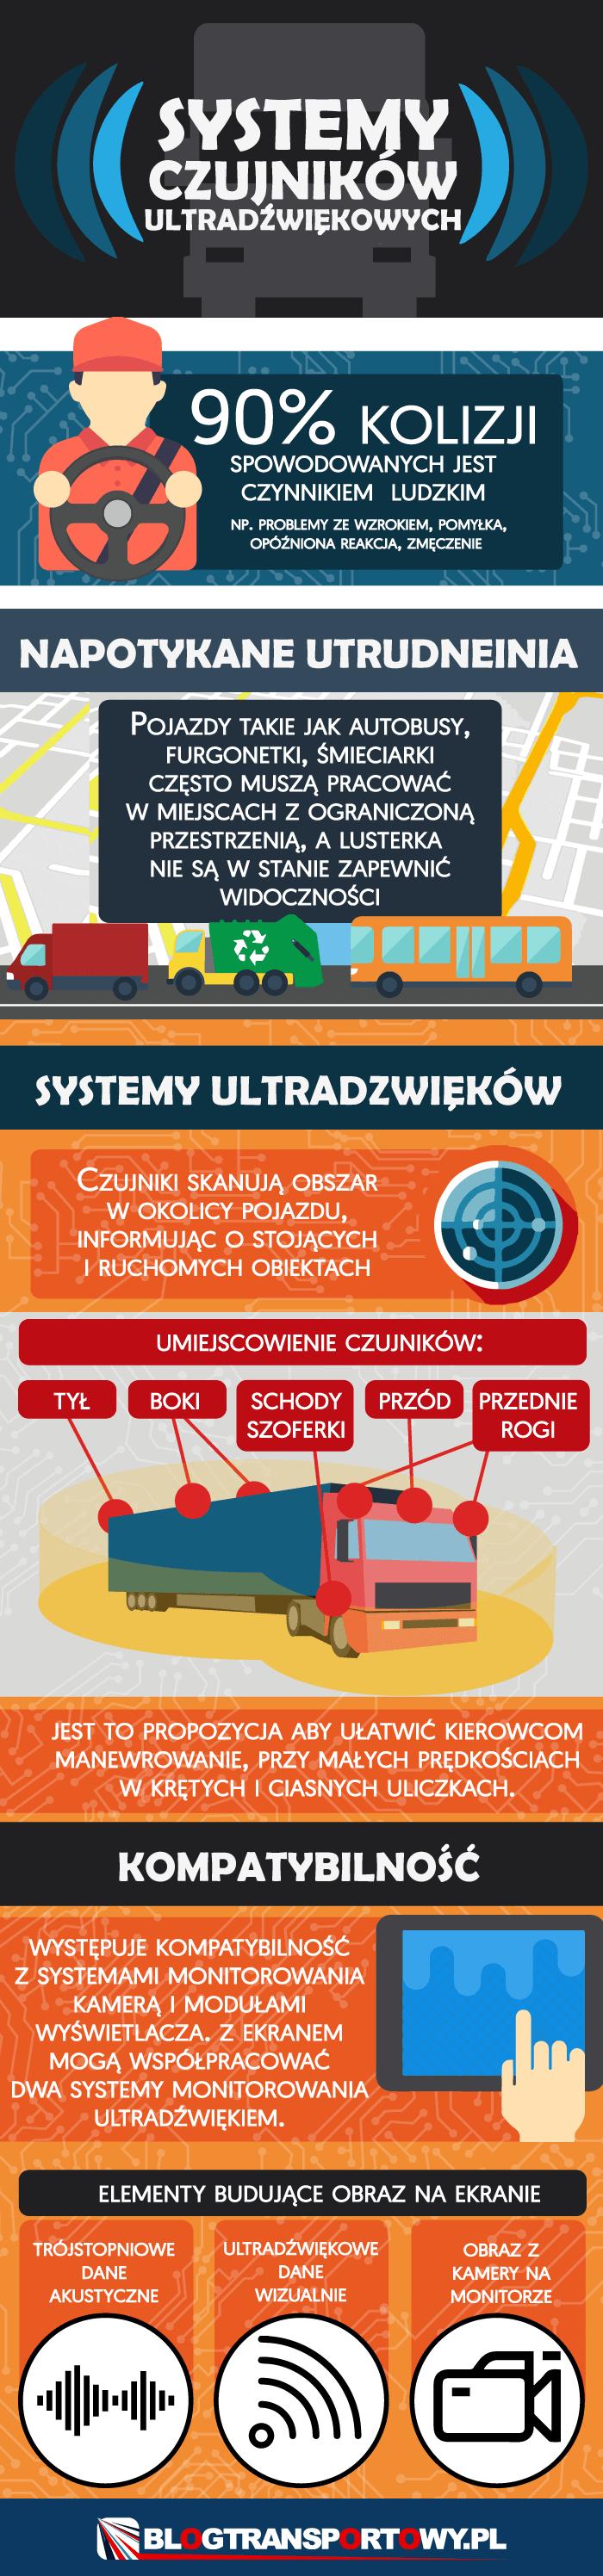 Systemy czujników ultradźwiękowych